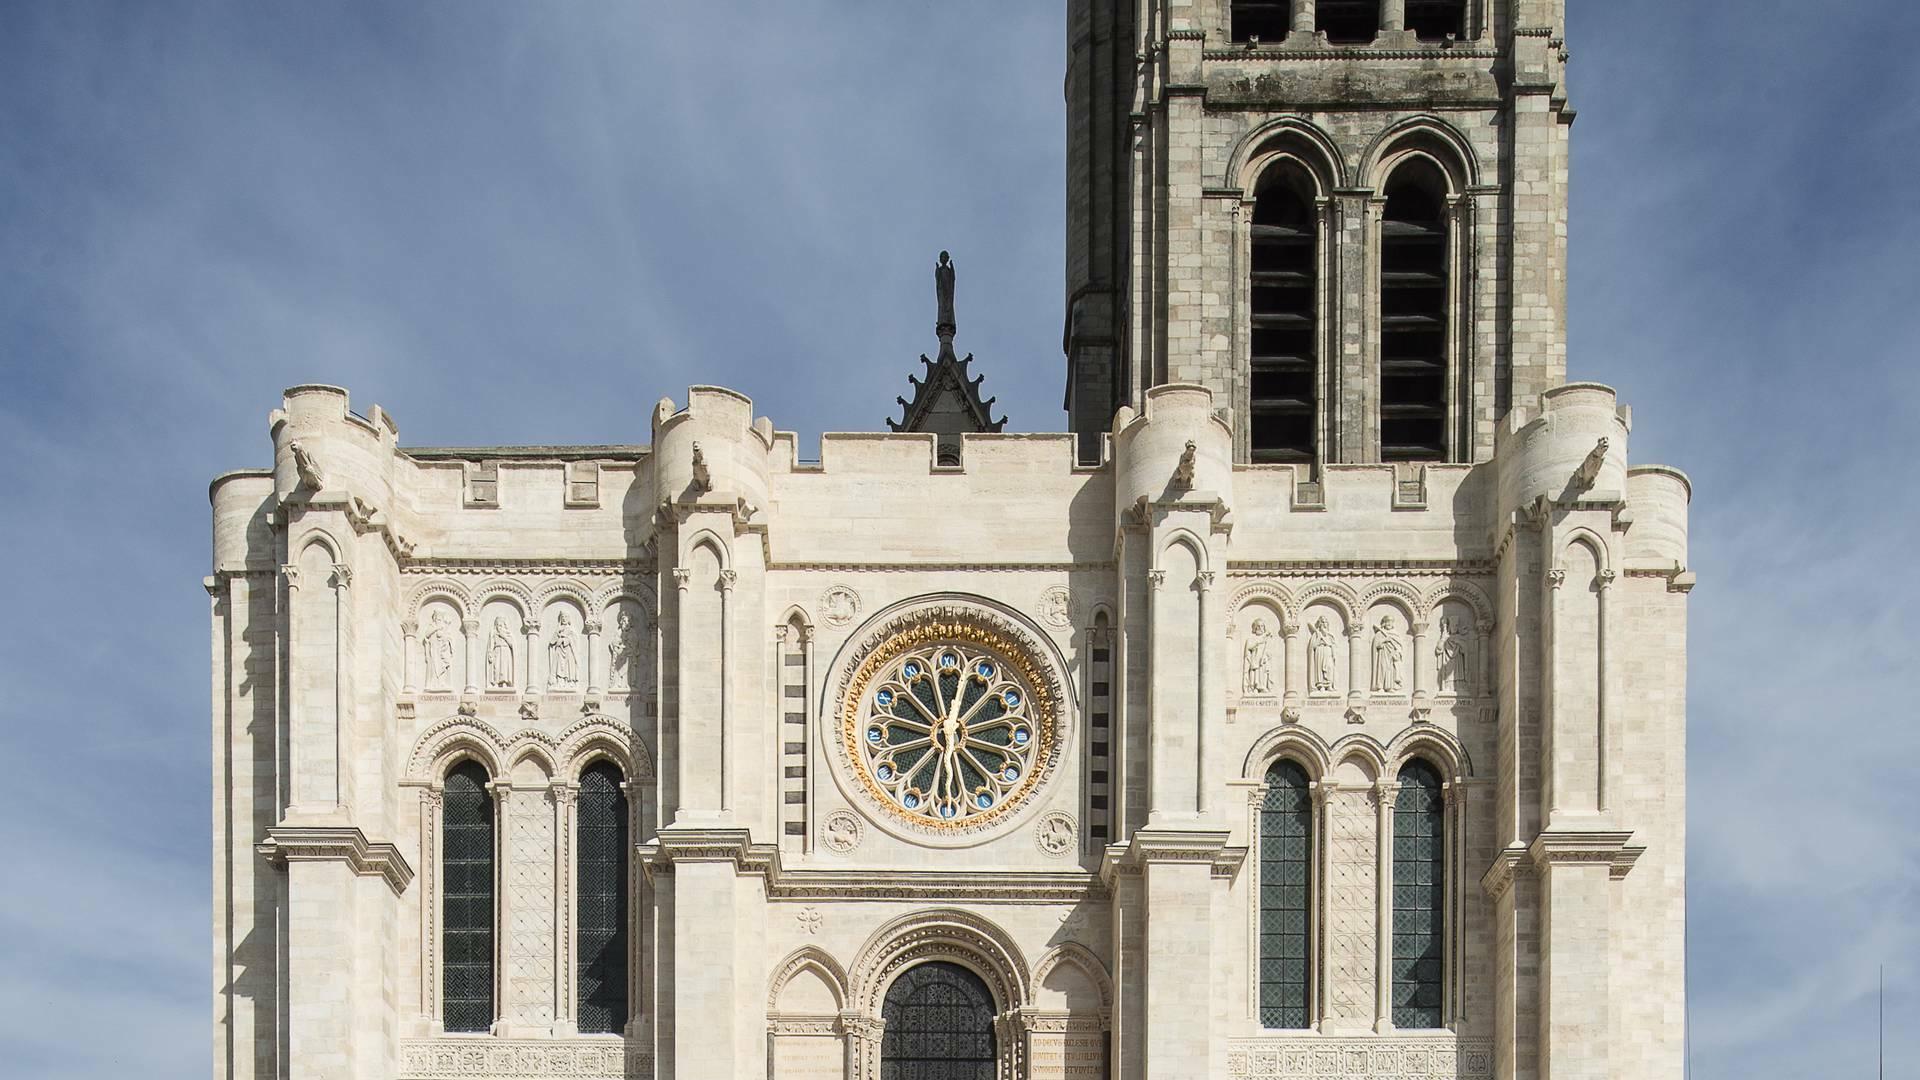 basilique-cathédrale-saint-denis-necropole-rois-de-france